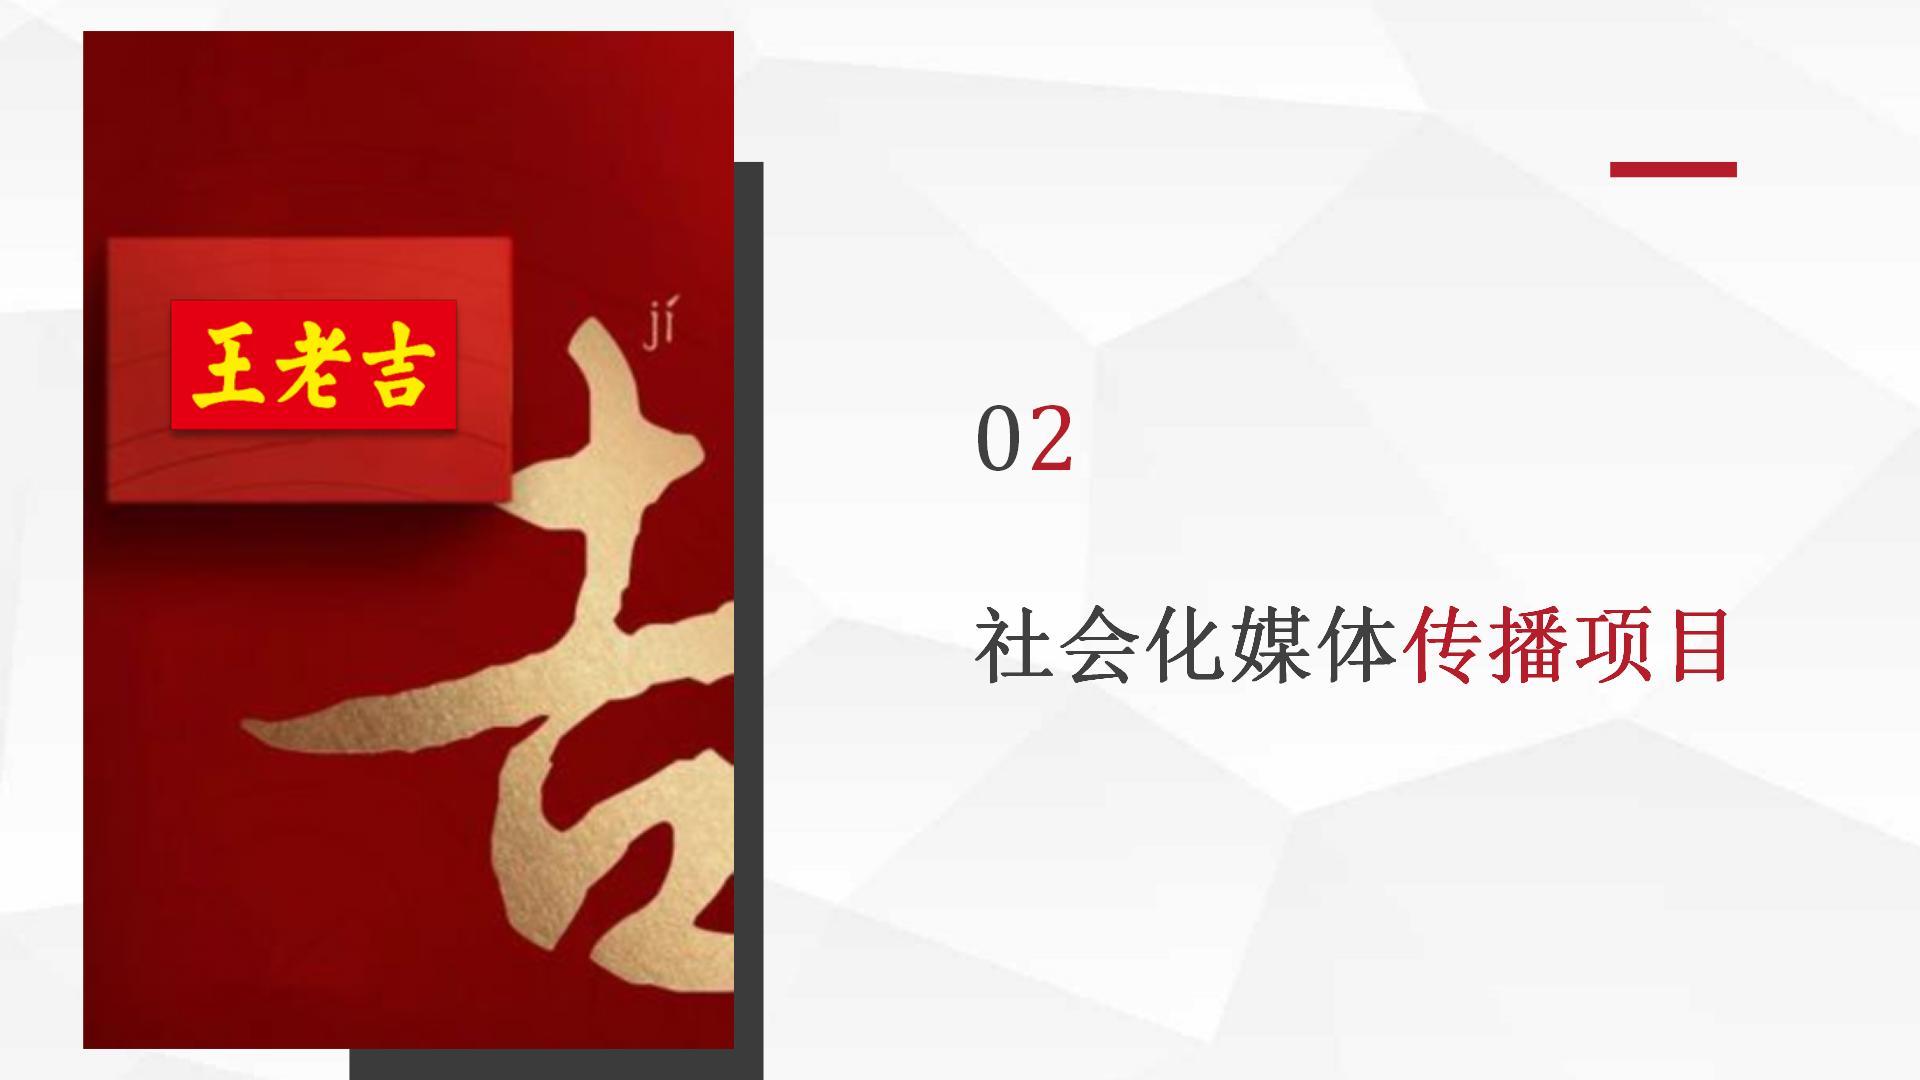 2019王老吉社会化营销策划方案,从内容到整合营销传播策略